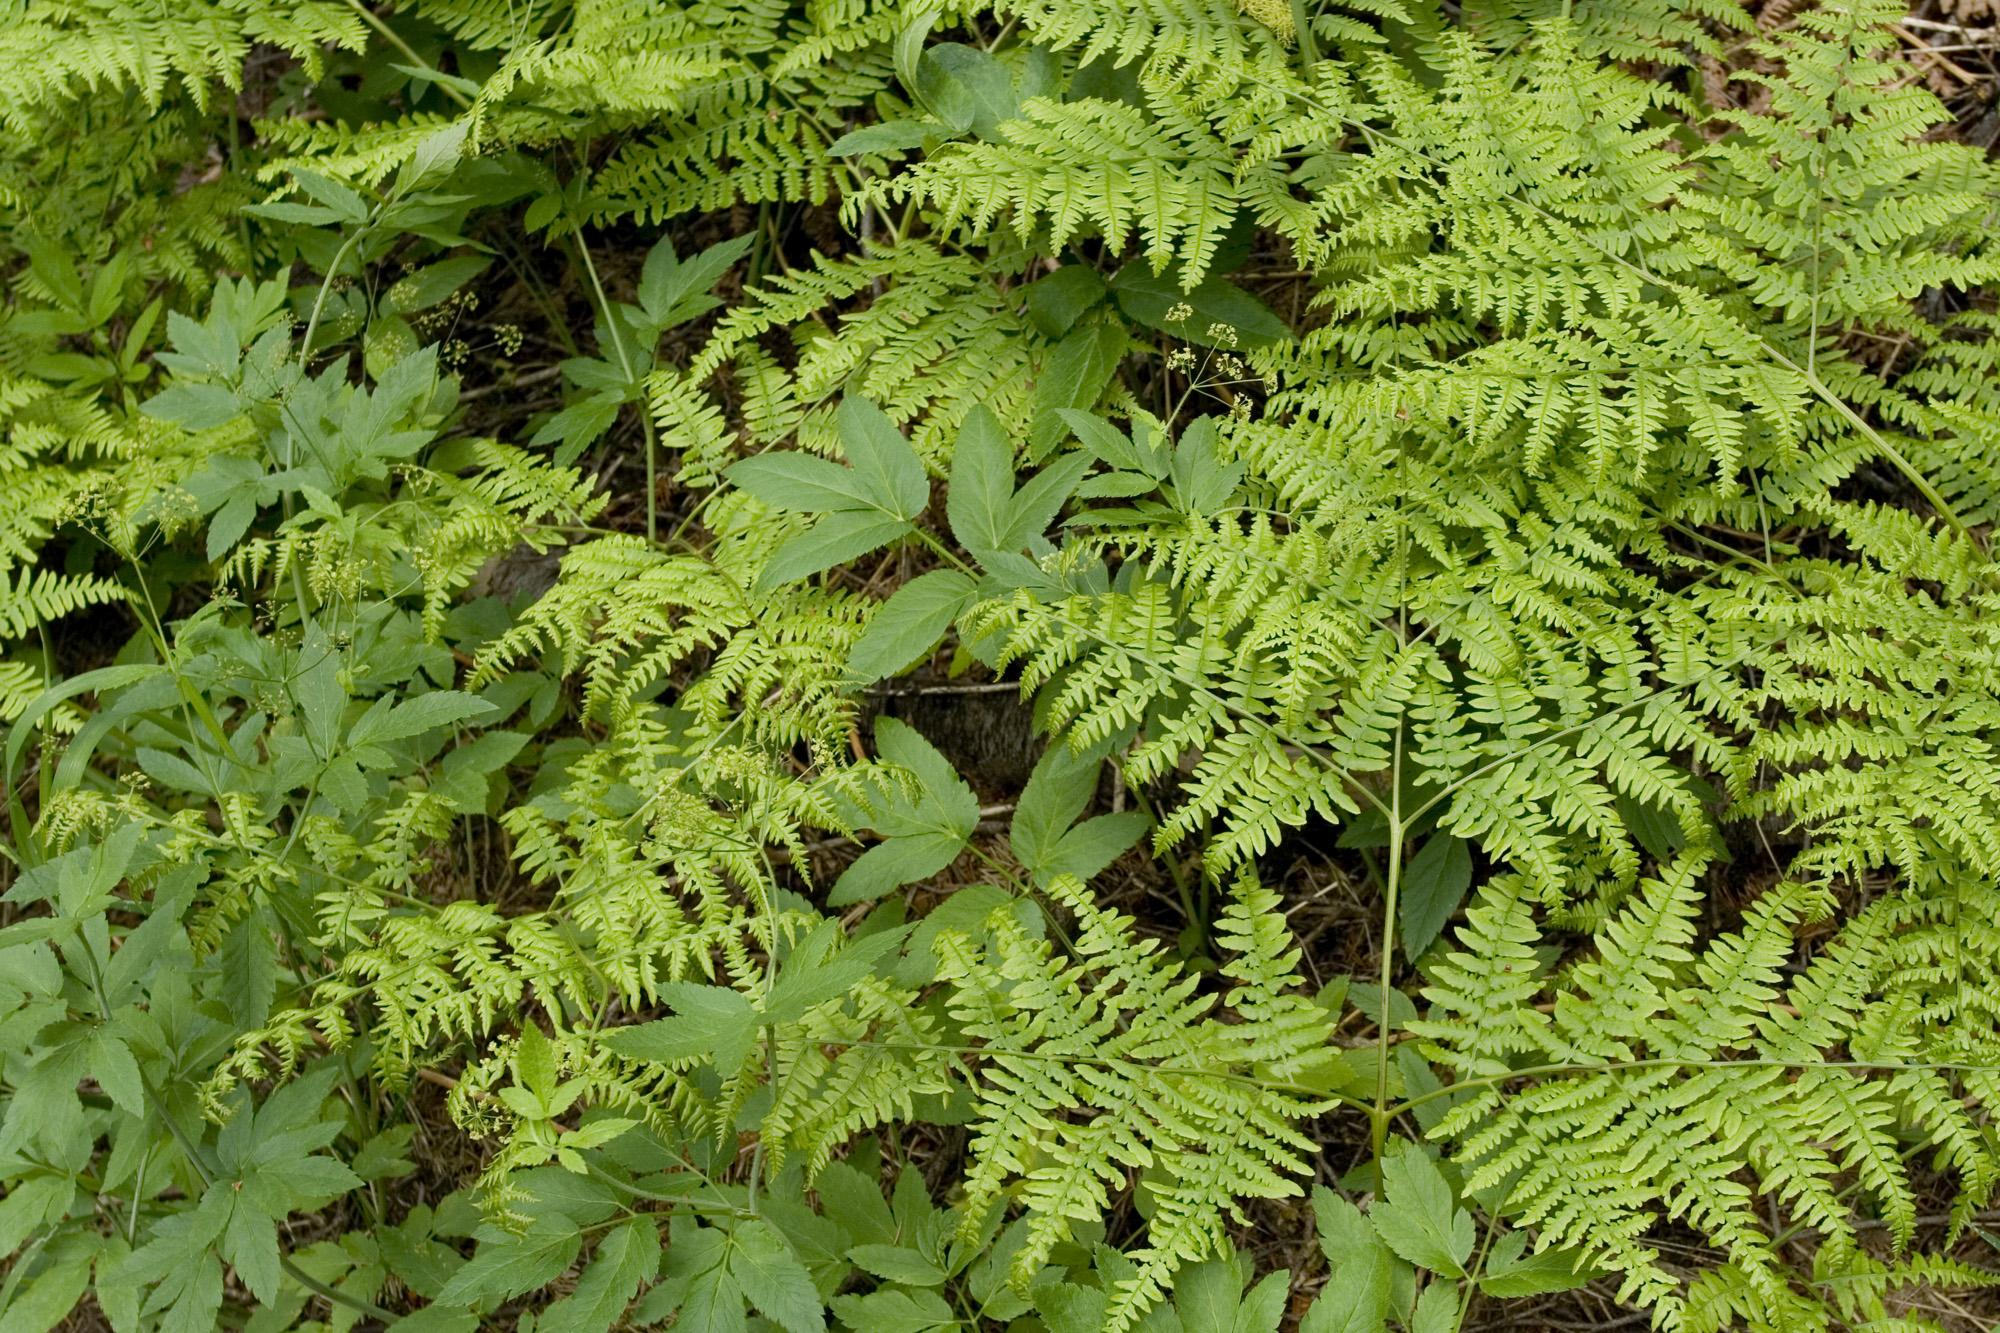 ferns in the Teanaway